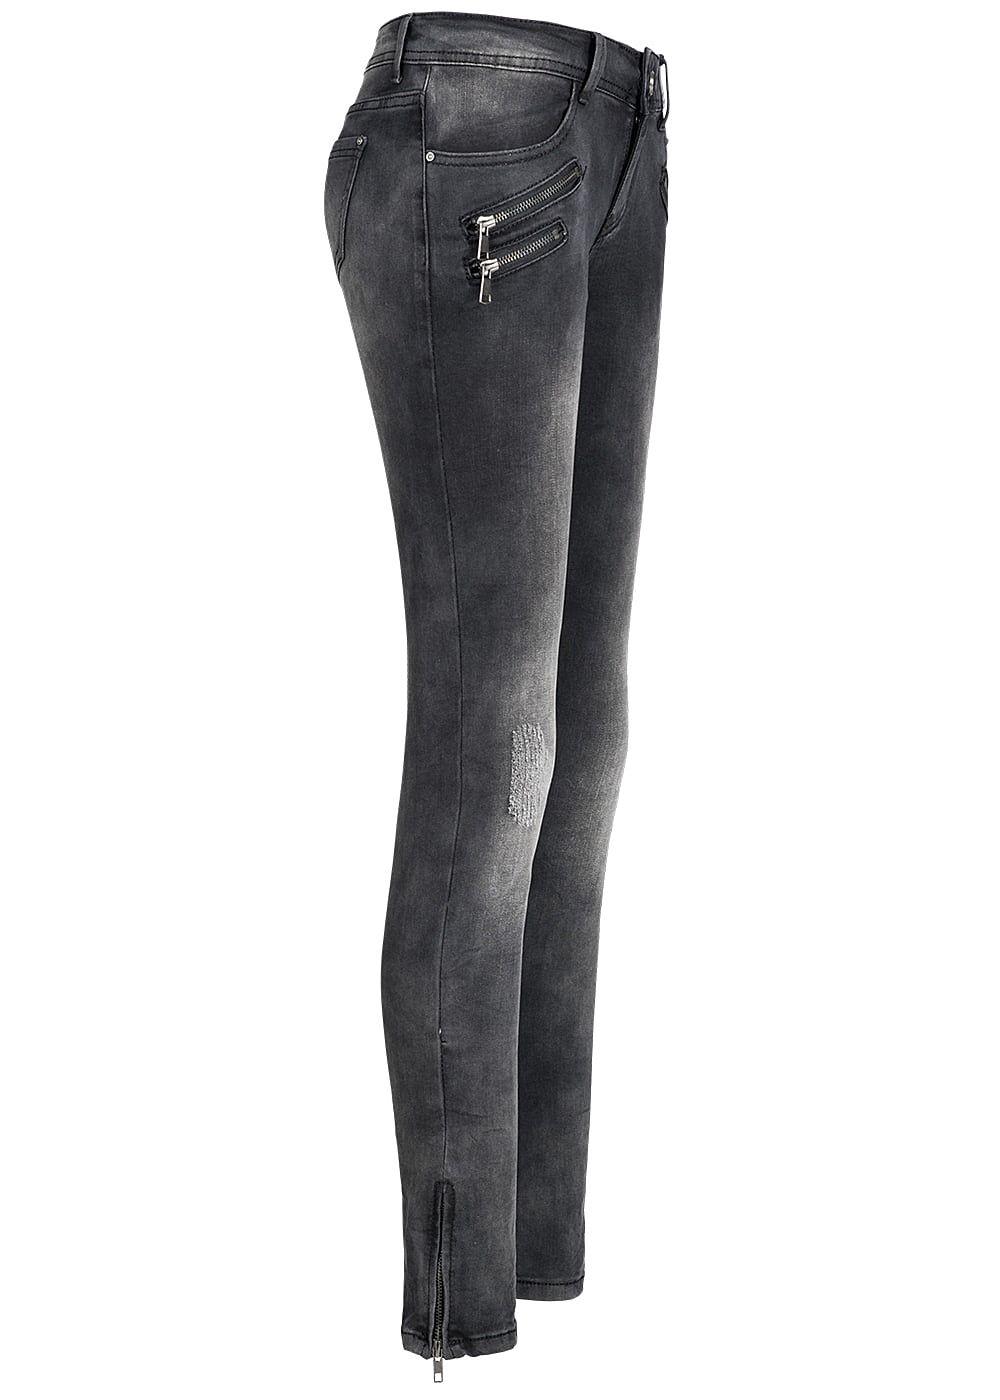 seventyseven lifestyle damen jeans hose crash optik 3 deko. Black Bedroom Furniture Sets. Home Design Ideas